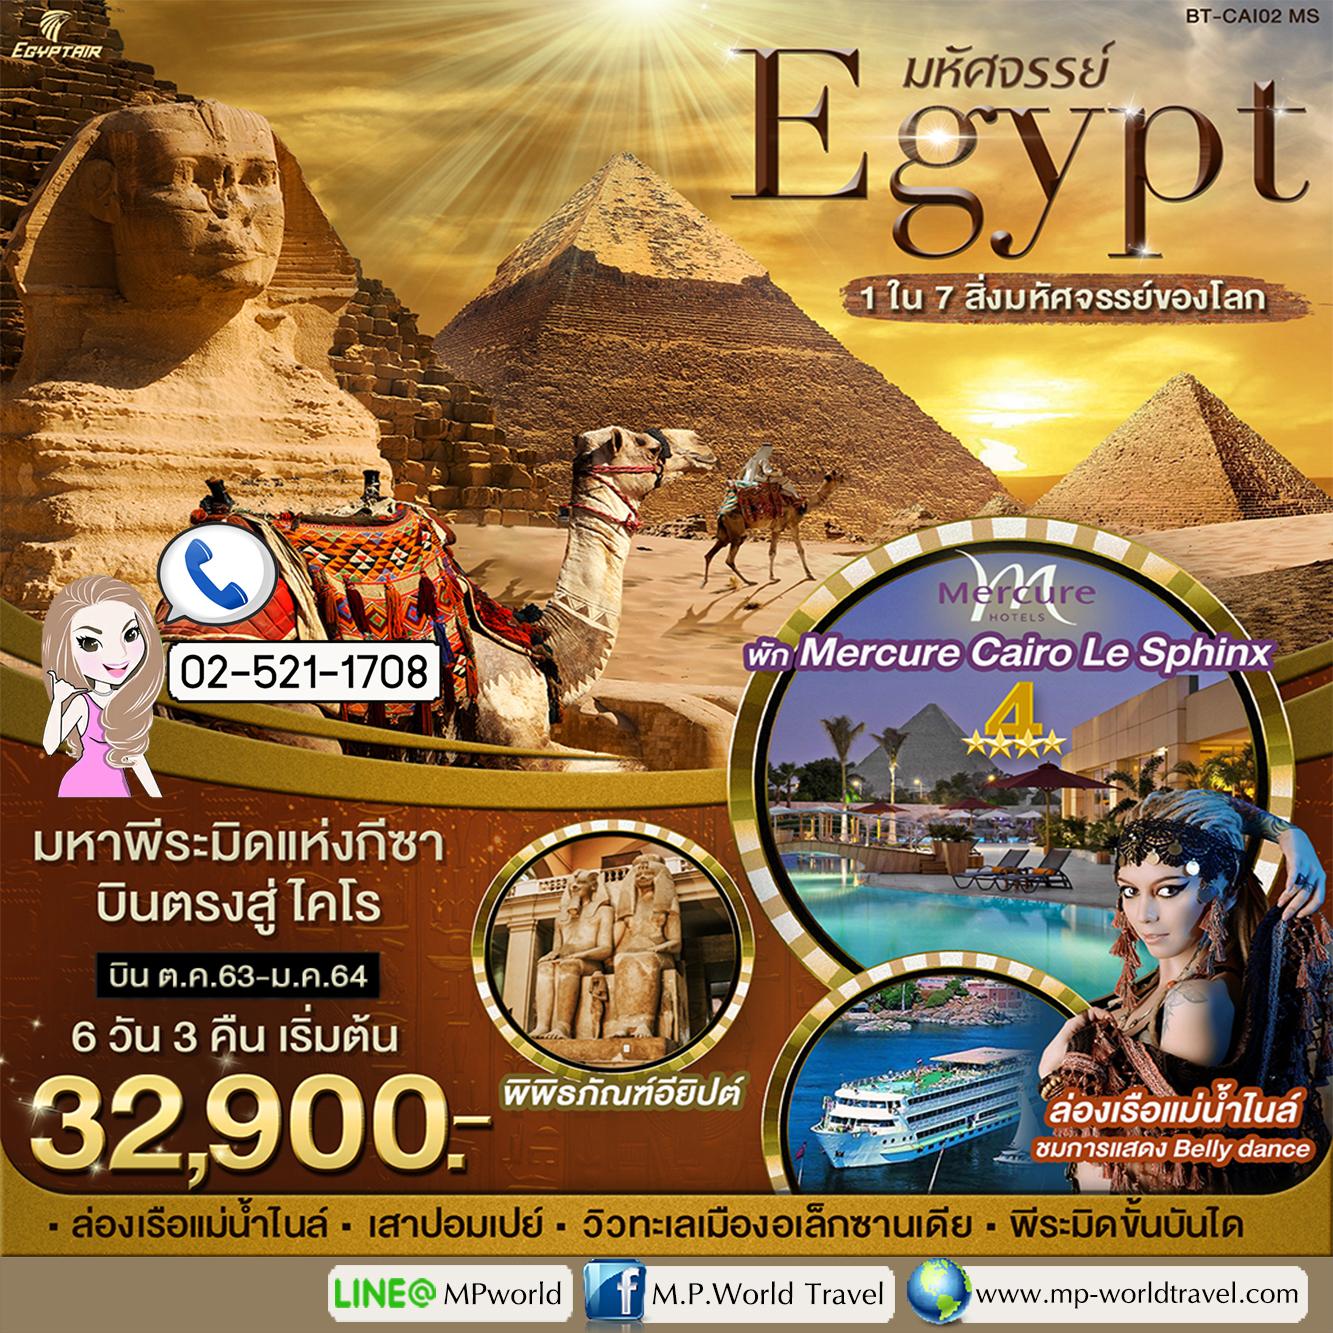 ทัวร์อียิปต์ BT-CAI02 มหัศจรรย์ อียิปต์ 1 ใน 7 สิ่งมหัศจรรย์ของโลก 6D 3N MS